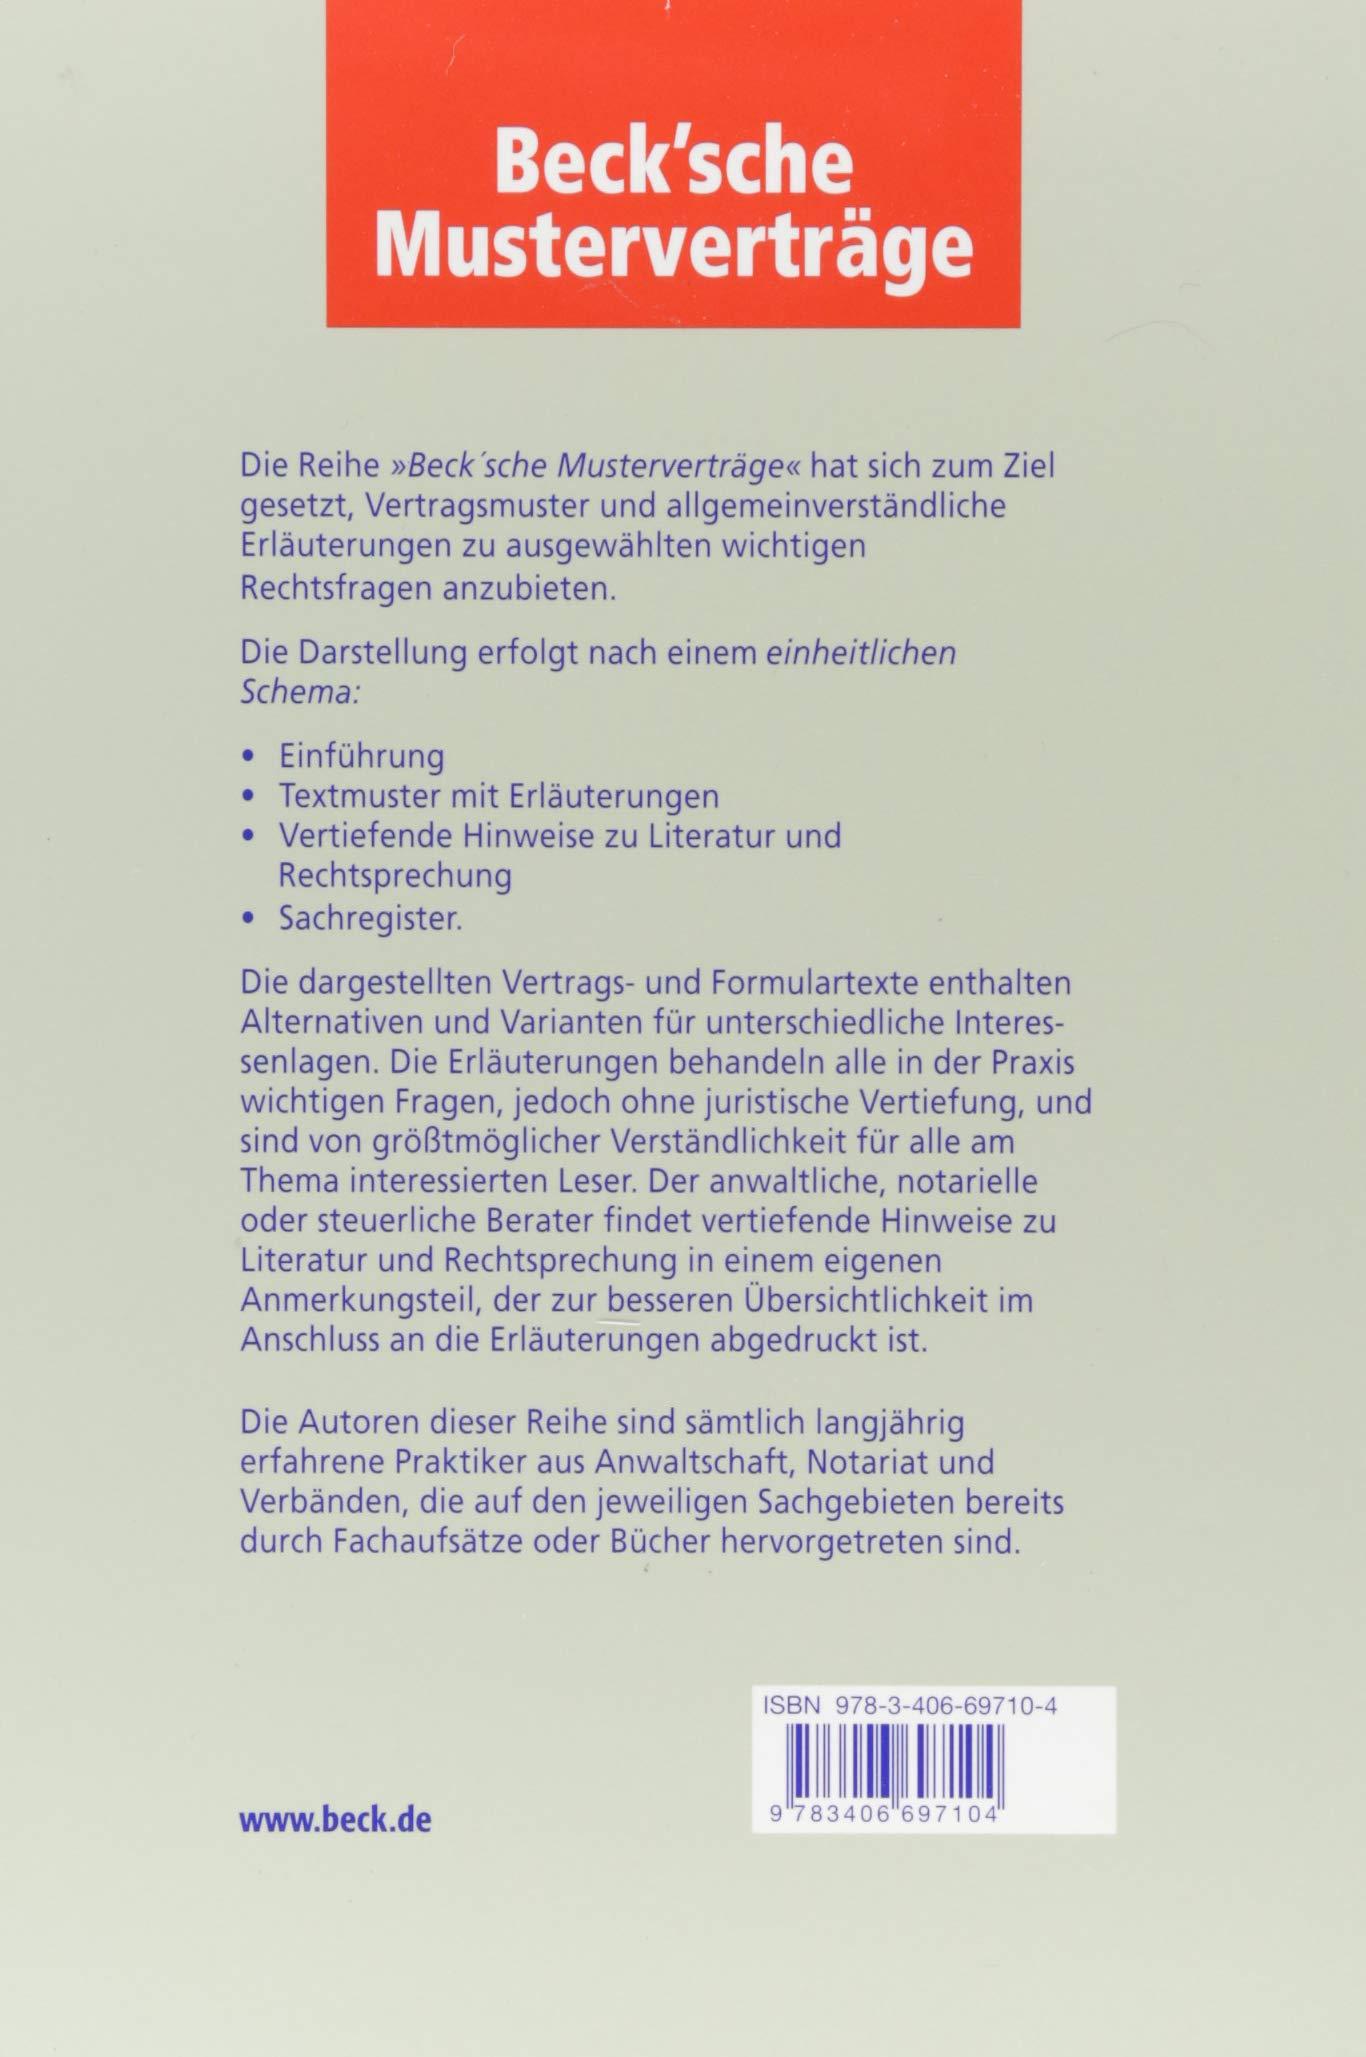 Unternehmenskauf Share Purchase Agreement Florian Kästle Dirk